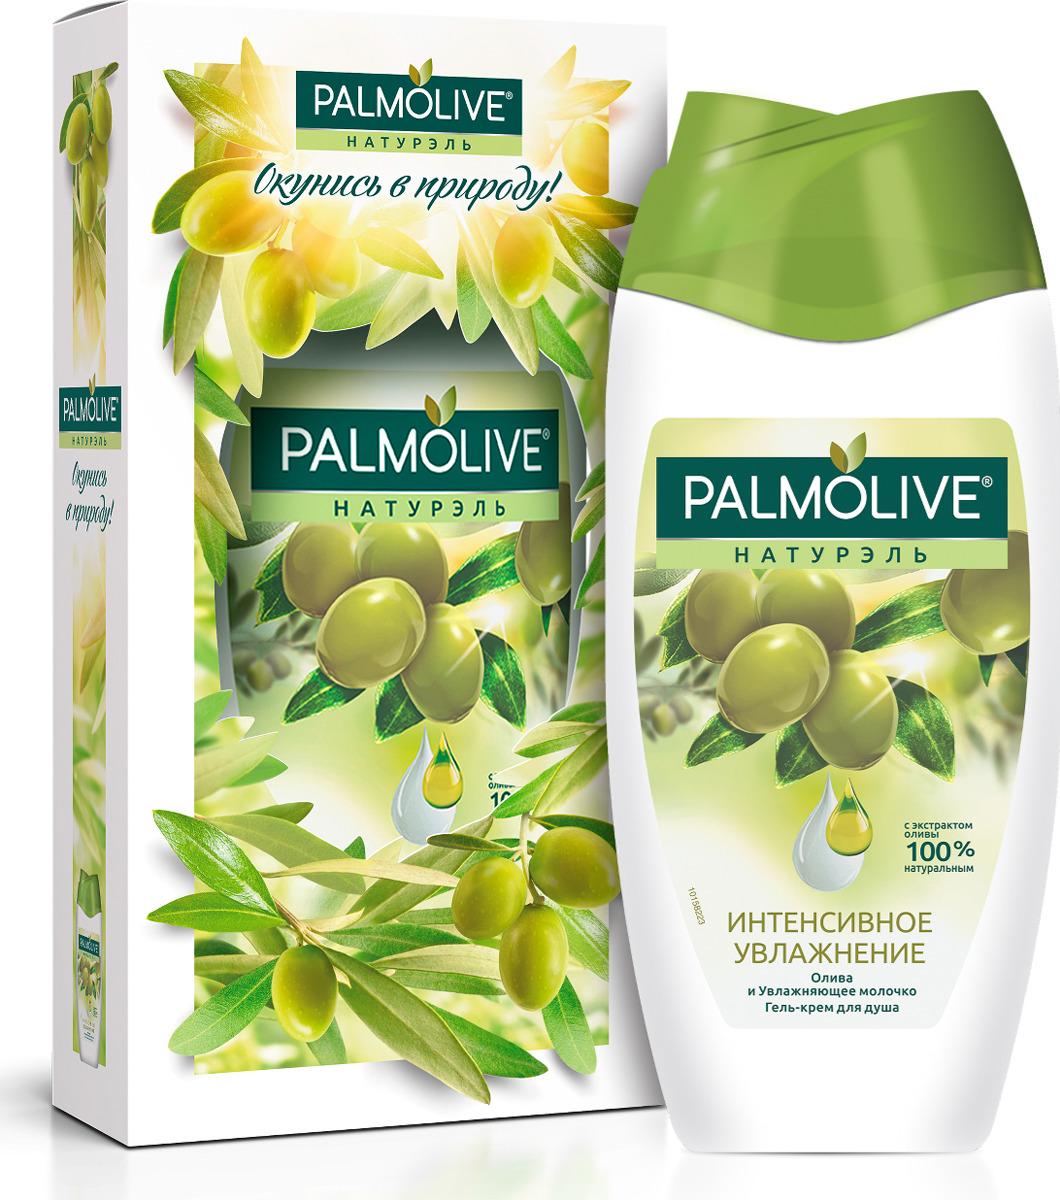 Гель для душа Palmolive Интенсивное увлажнение. Олива и увлажняющее молочко, в подарочной упаковке, 250 мл бьюти стайл заряд комплекс кристальный родник интенсивное увлажнение 3млх5амп